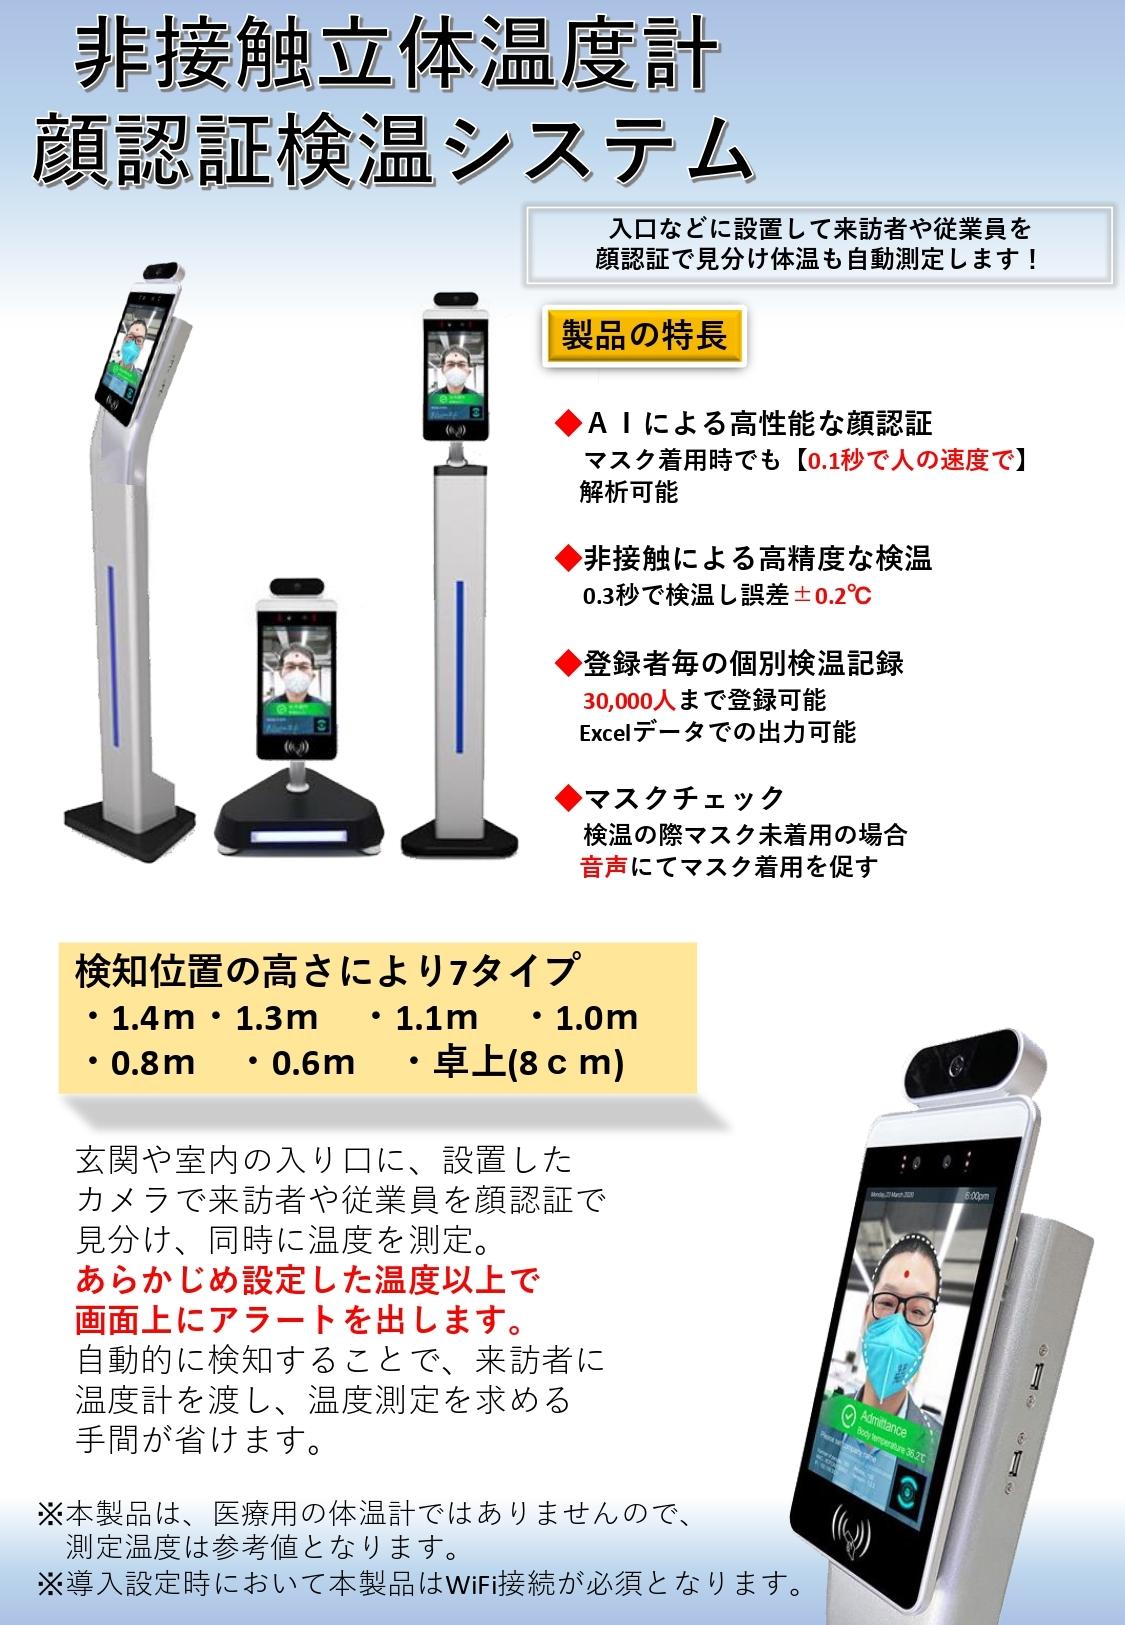 非接触立体温度計 顔認証検温システム